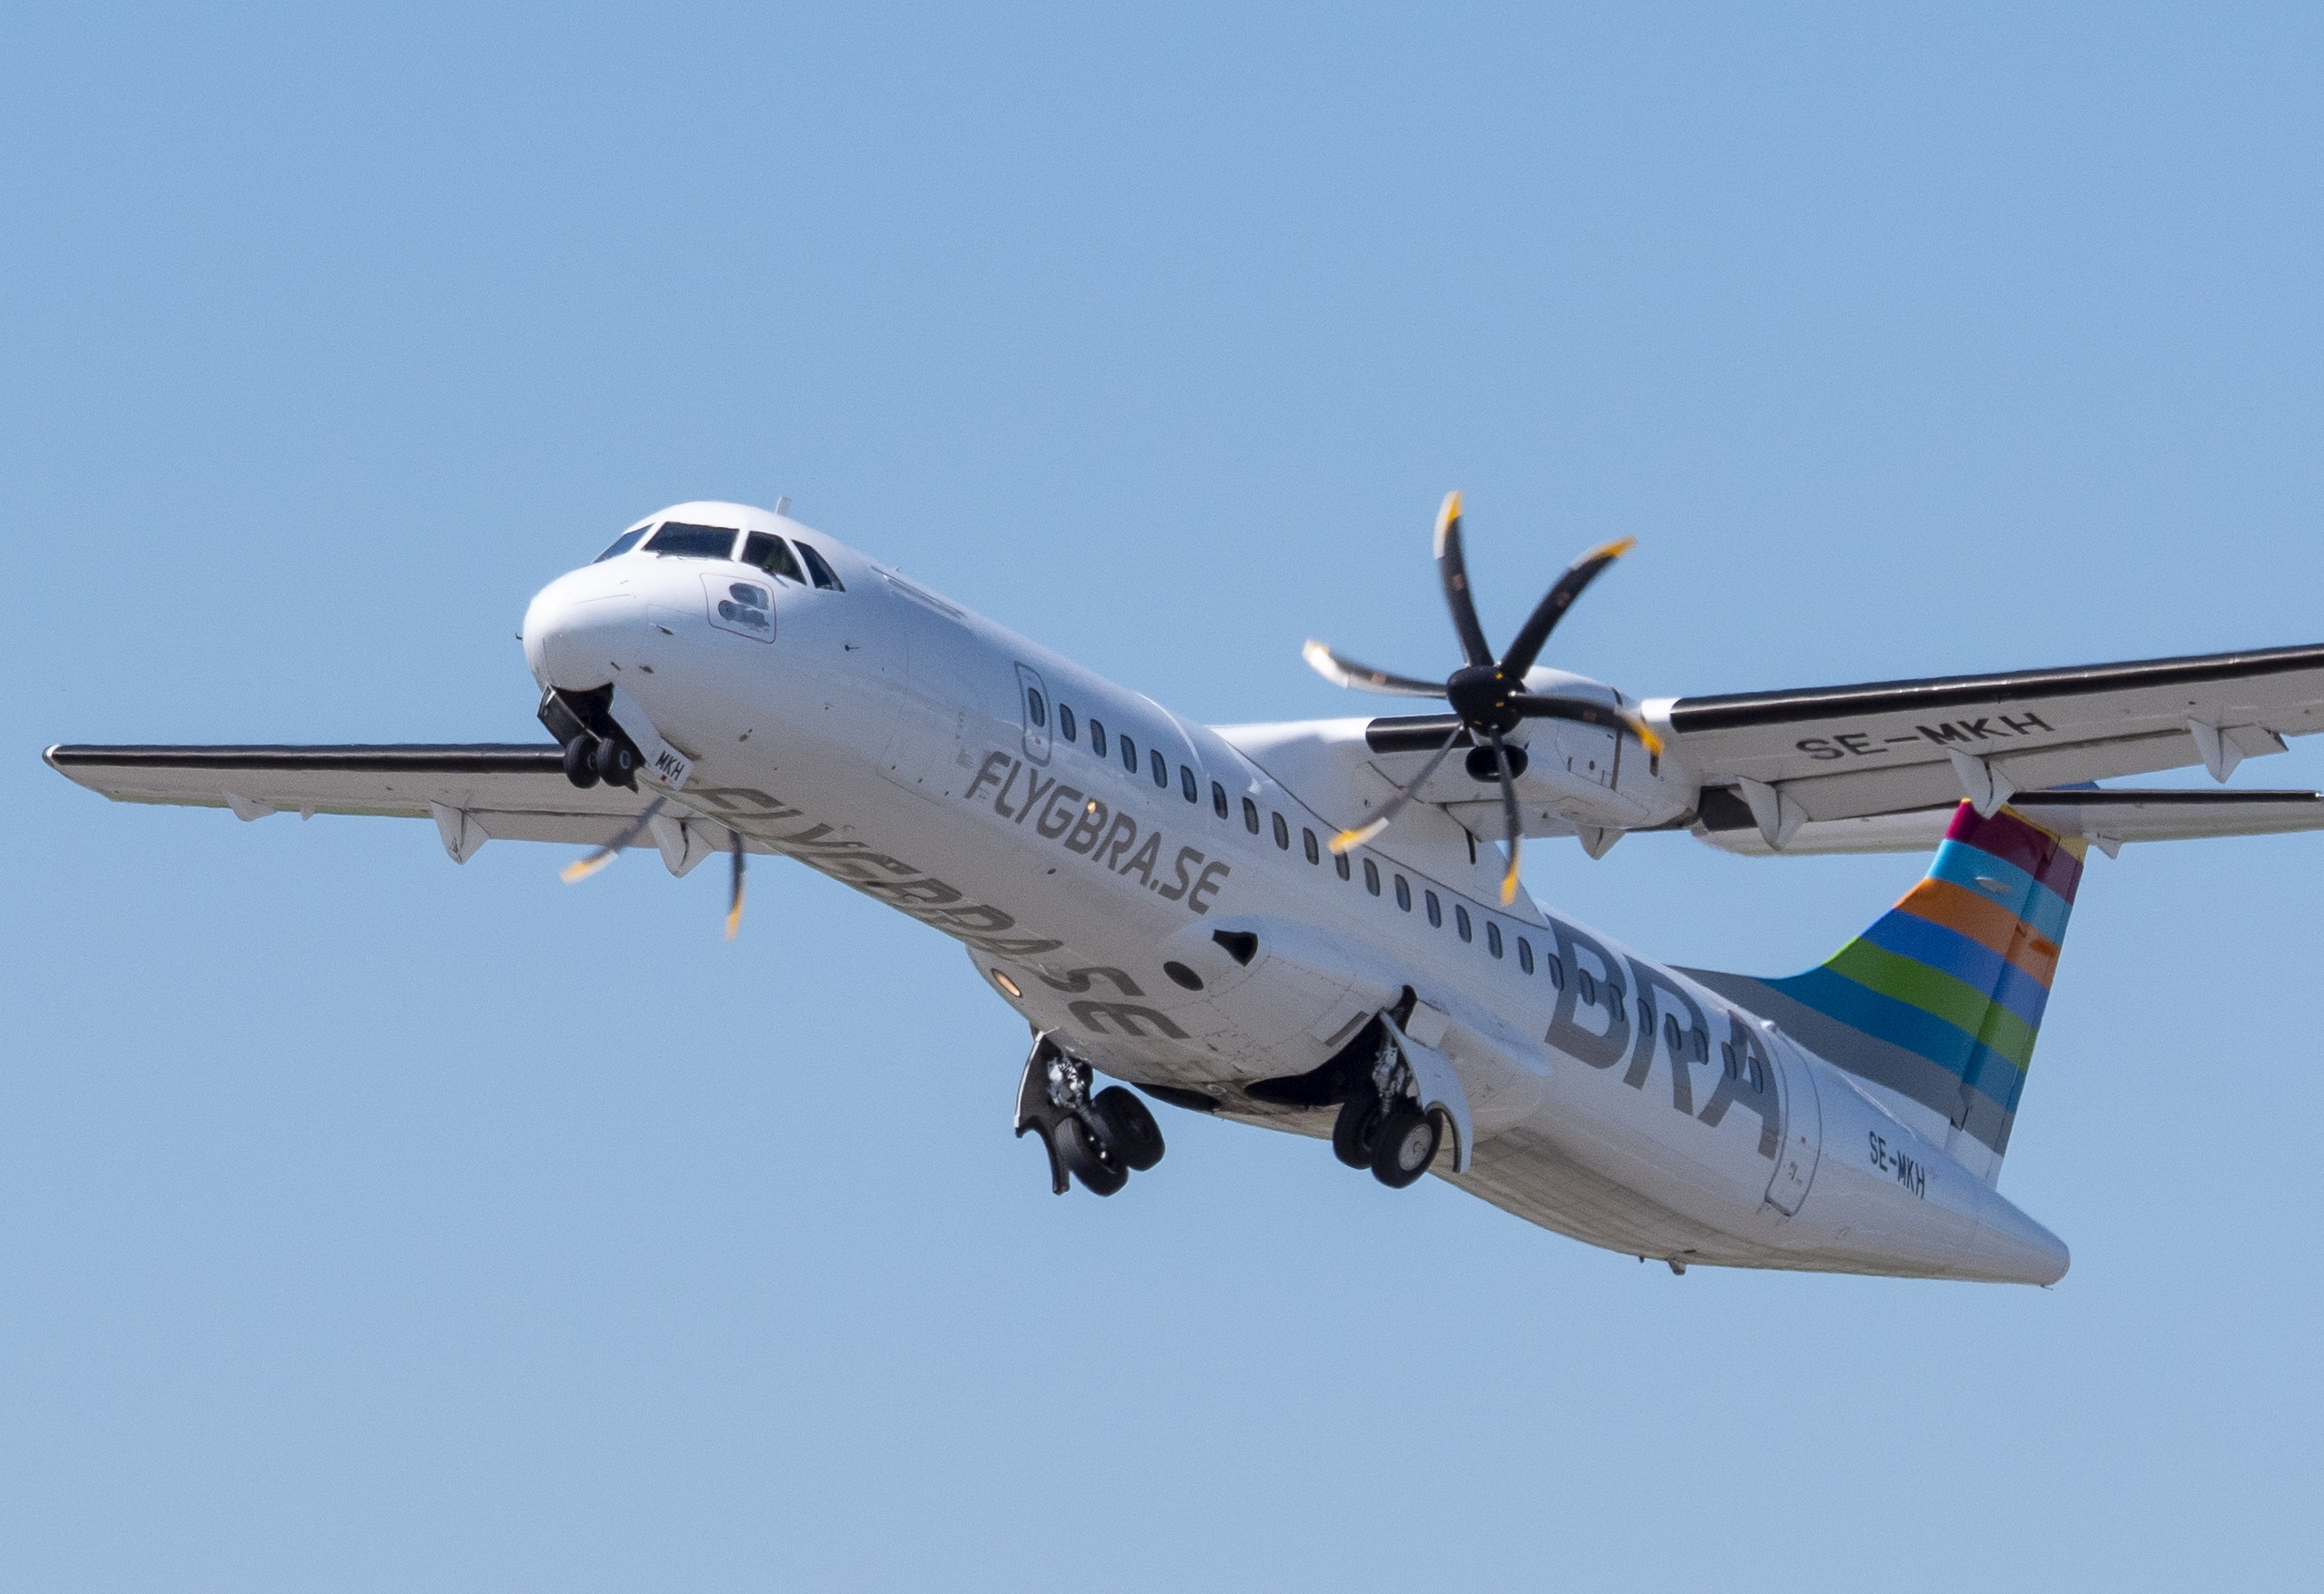 Svenske BRAA åbner til maj ny sæsonrute fra Stockholms Bromma-lufthavn til Estlands største ø, Saaremaa. Ruten flyves to gange om ugen med en ATR 72-600 med plads til 72 passagerer. Pressefoto: Braathens Regional Airlines.